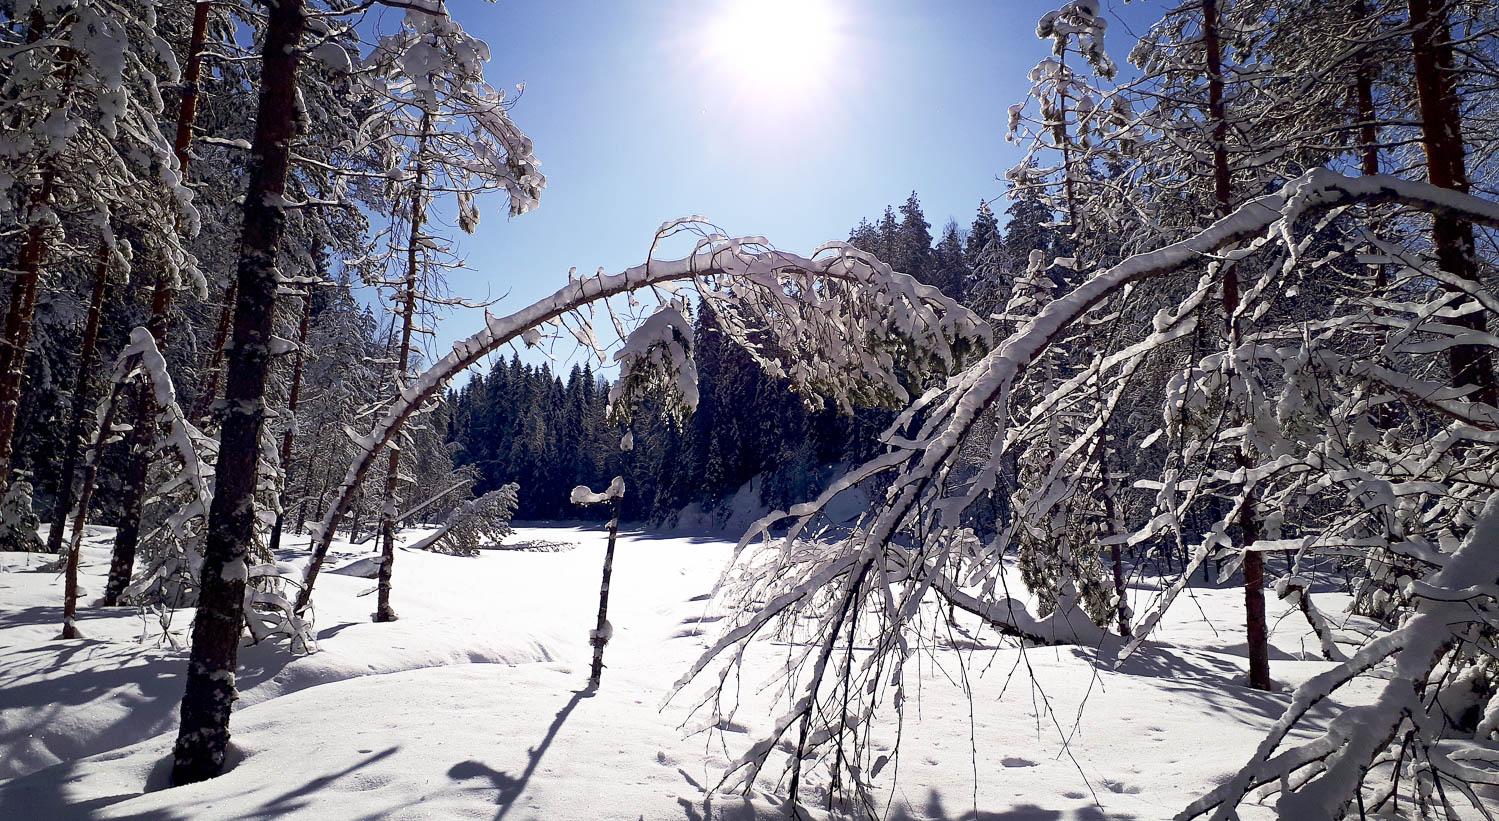 Luminen metsämaisema ja taakasta taipuneet puunrungot.